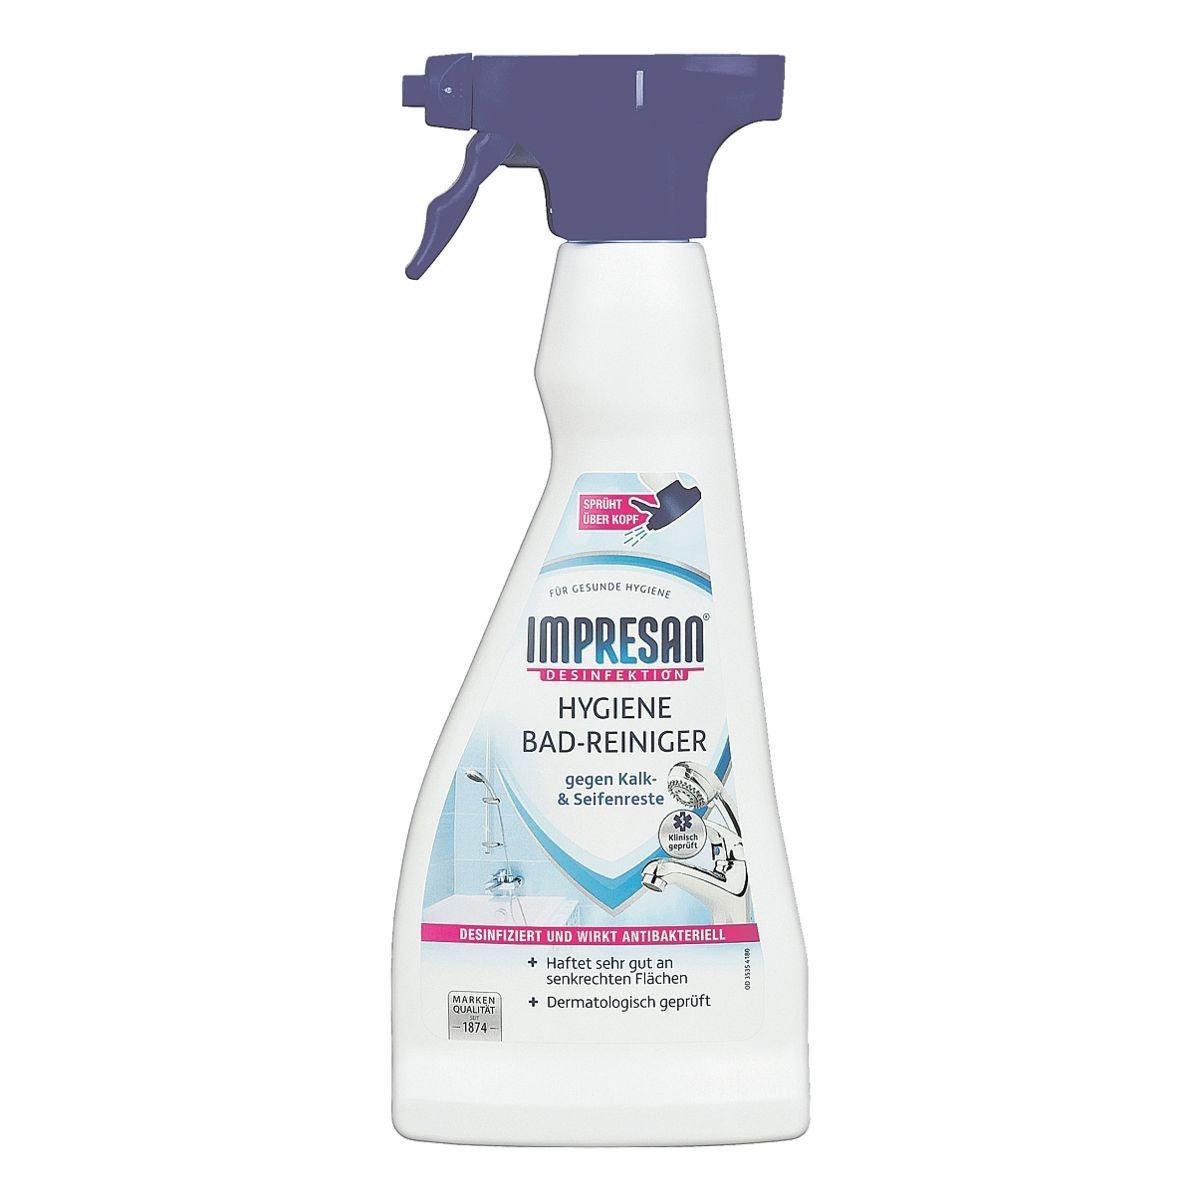 IMPRESAN Hygiene-Badreiniger